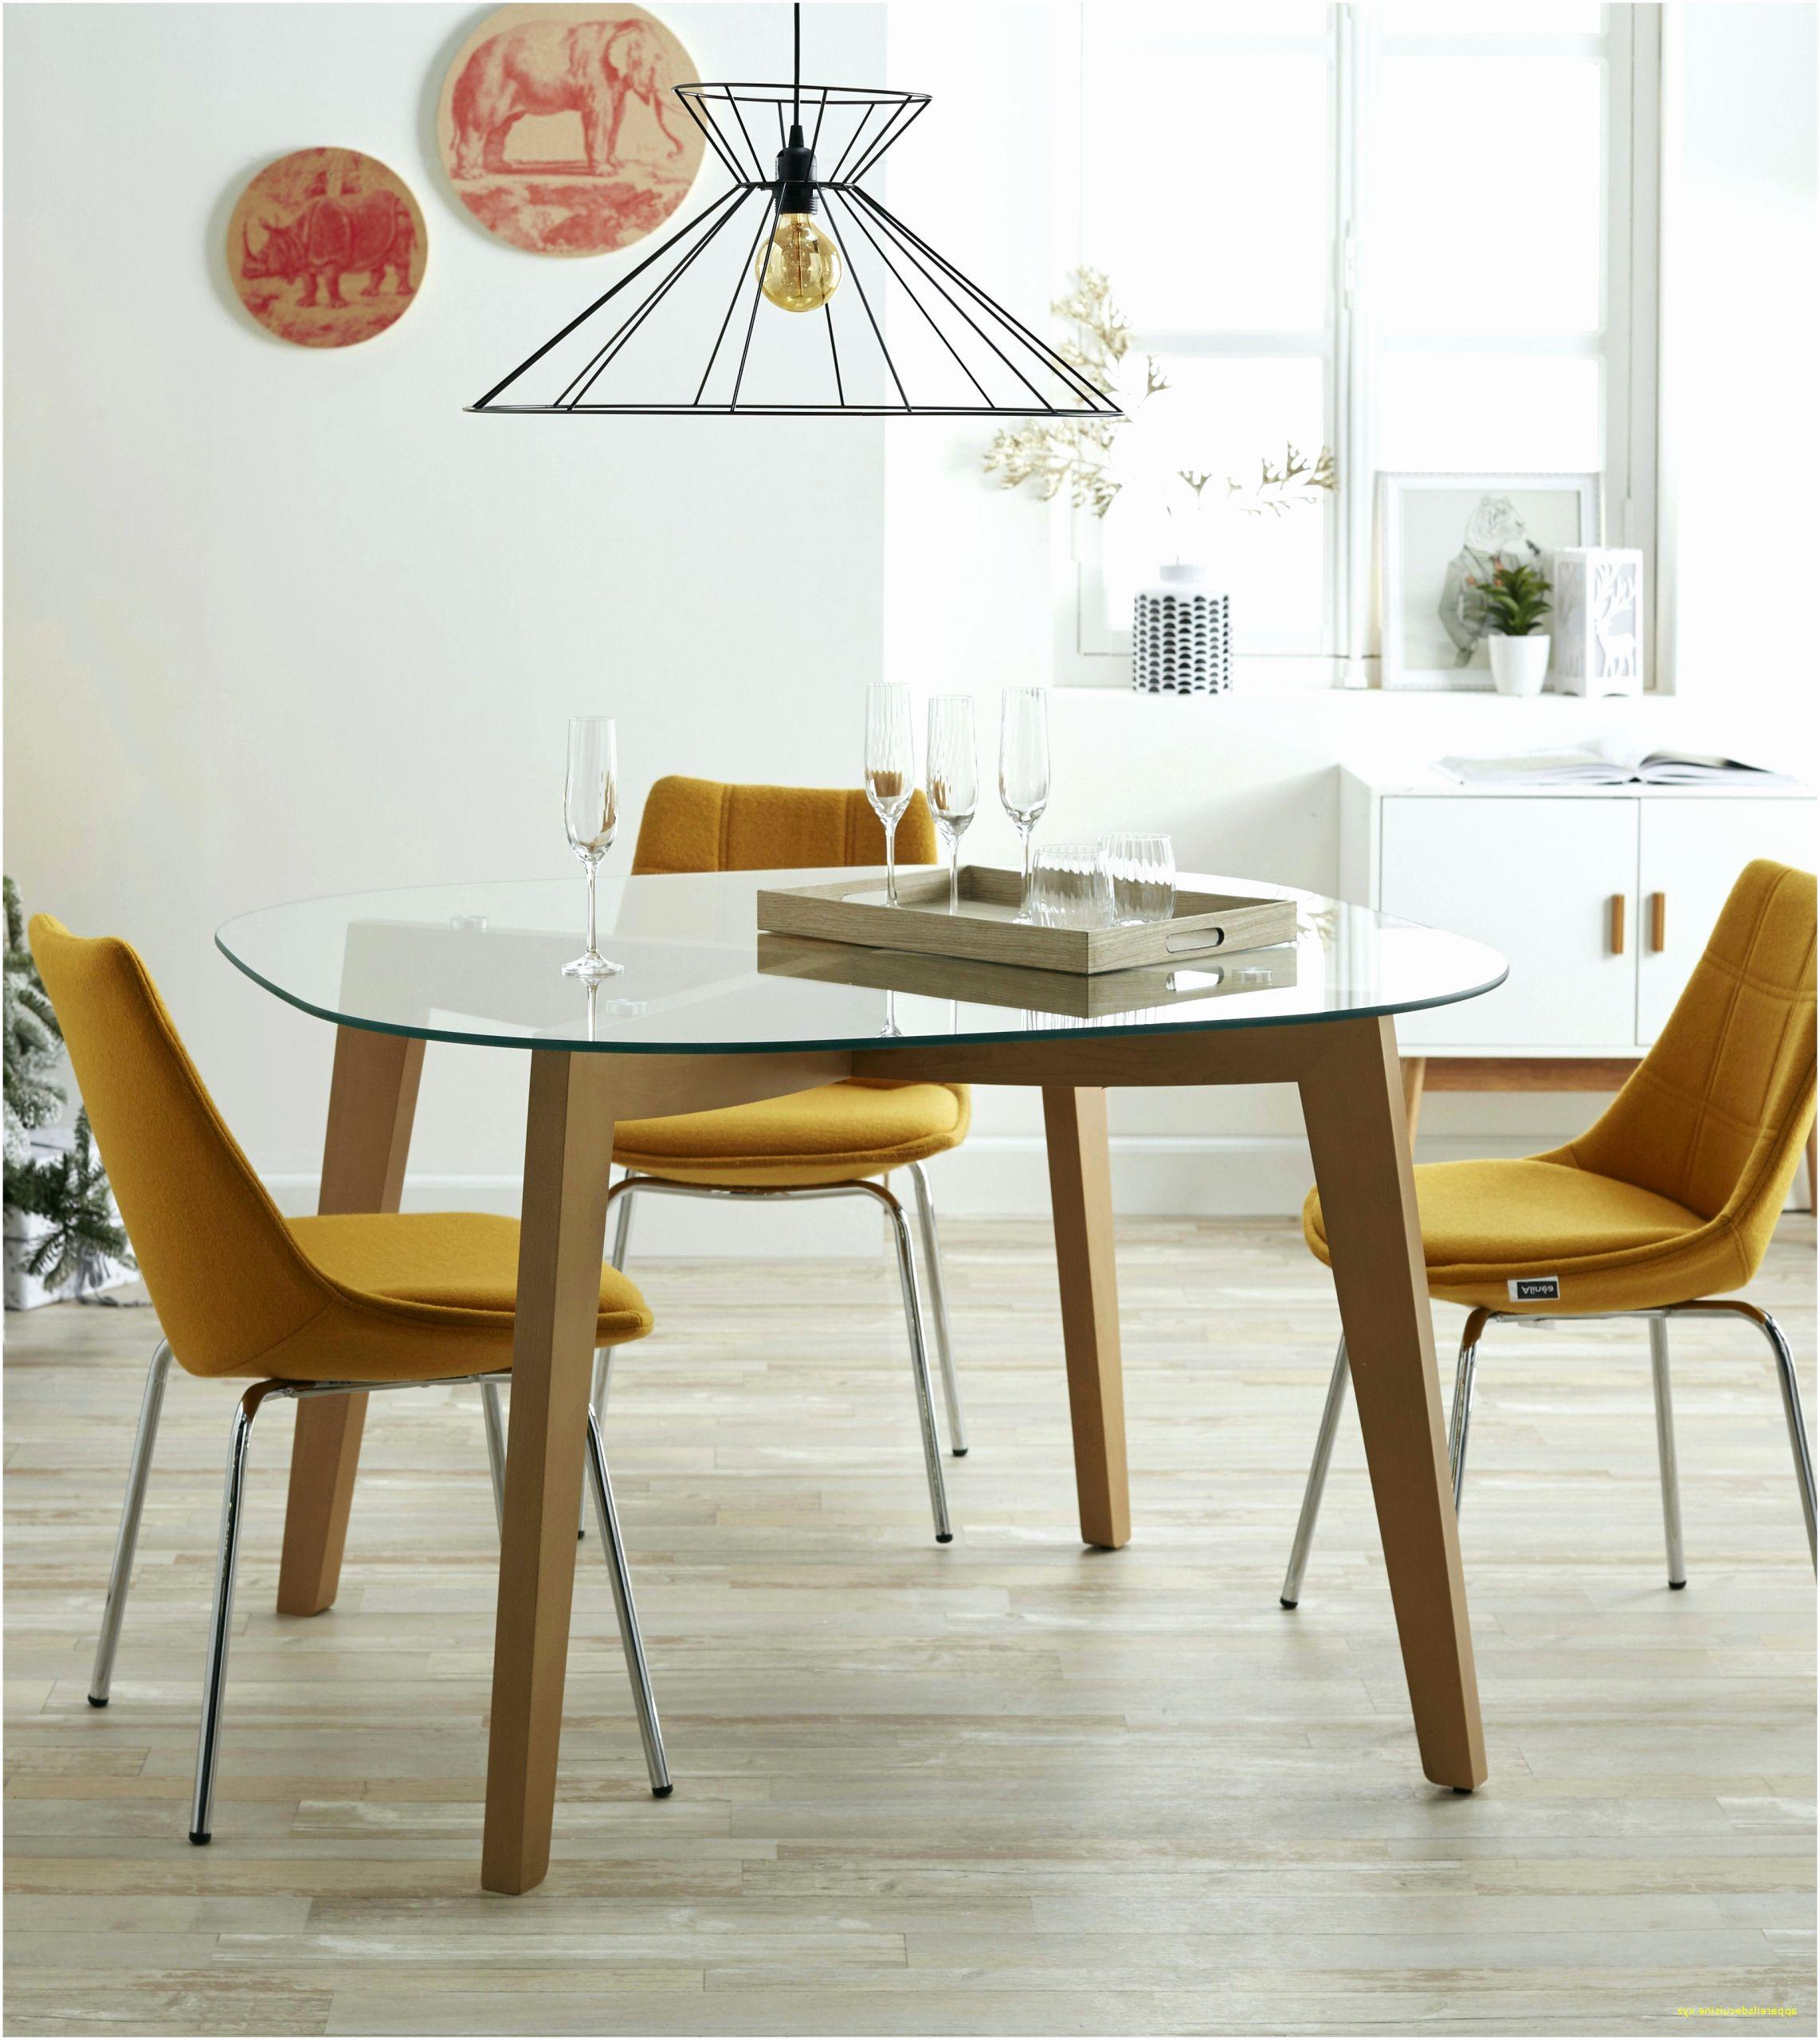 alinea chaise cuisine impressionnant alinea tabouret bar nouveau chaise haute but alinea chaise 0d of alinea chaise cuisine